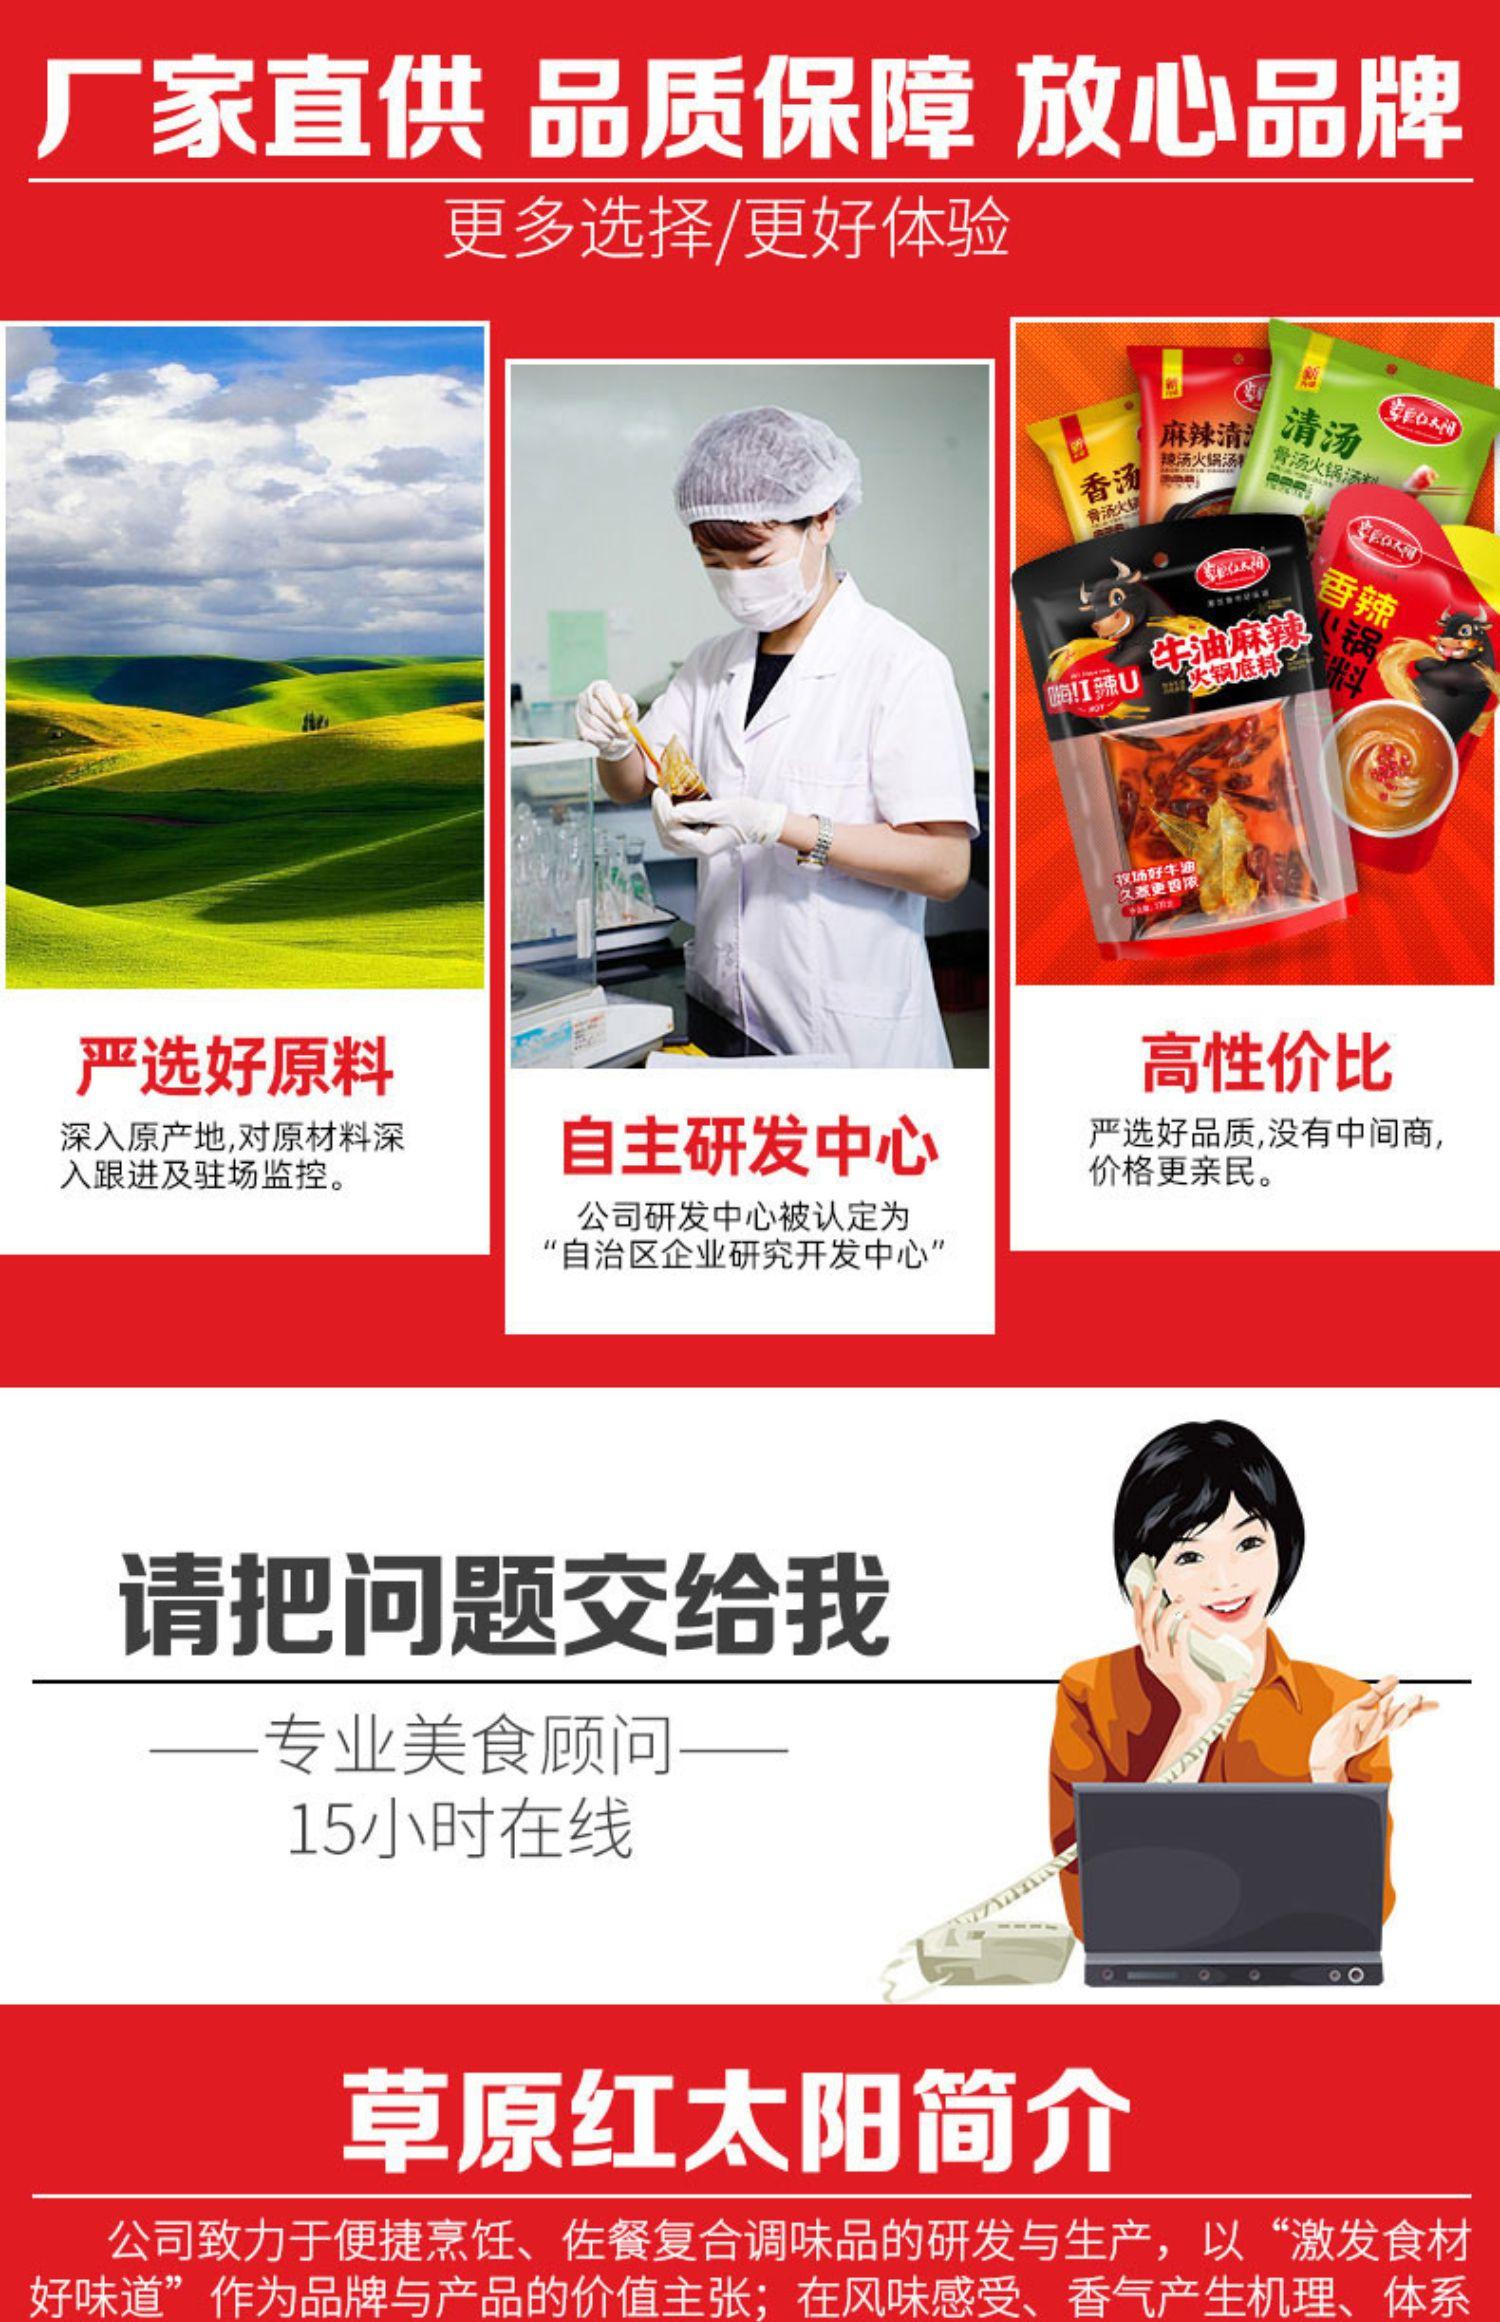 草原红太阳可签到蒜蓉辣酱商品图片-11